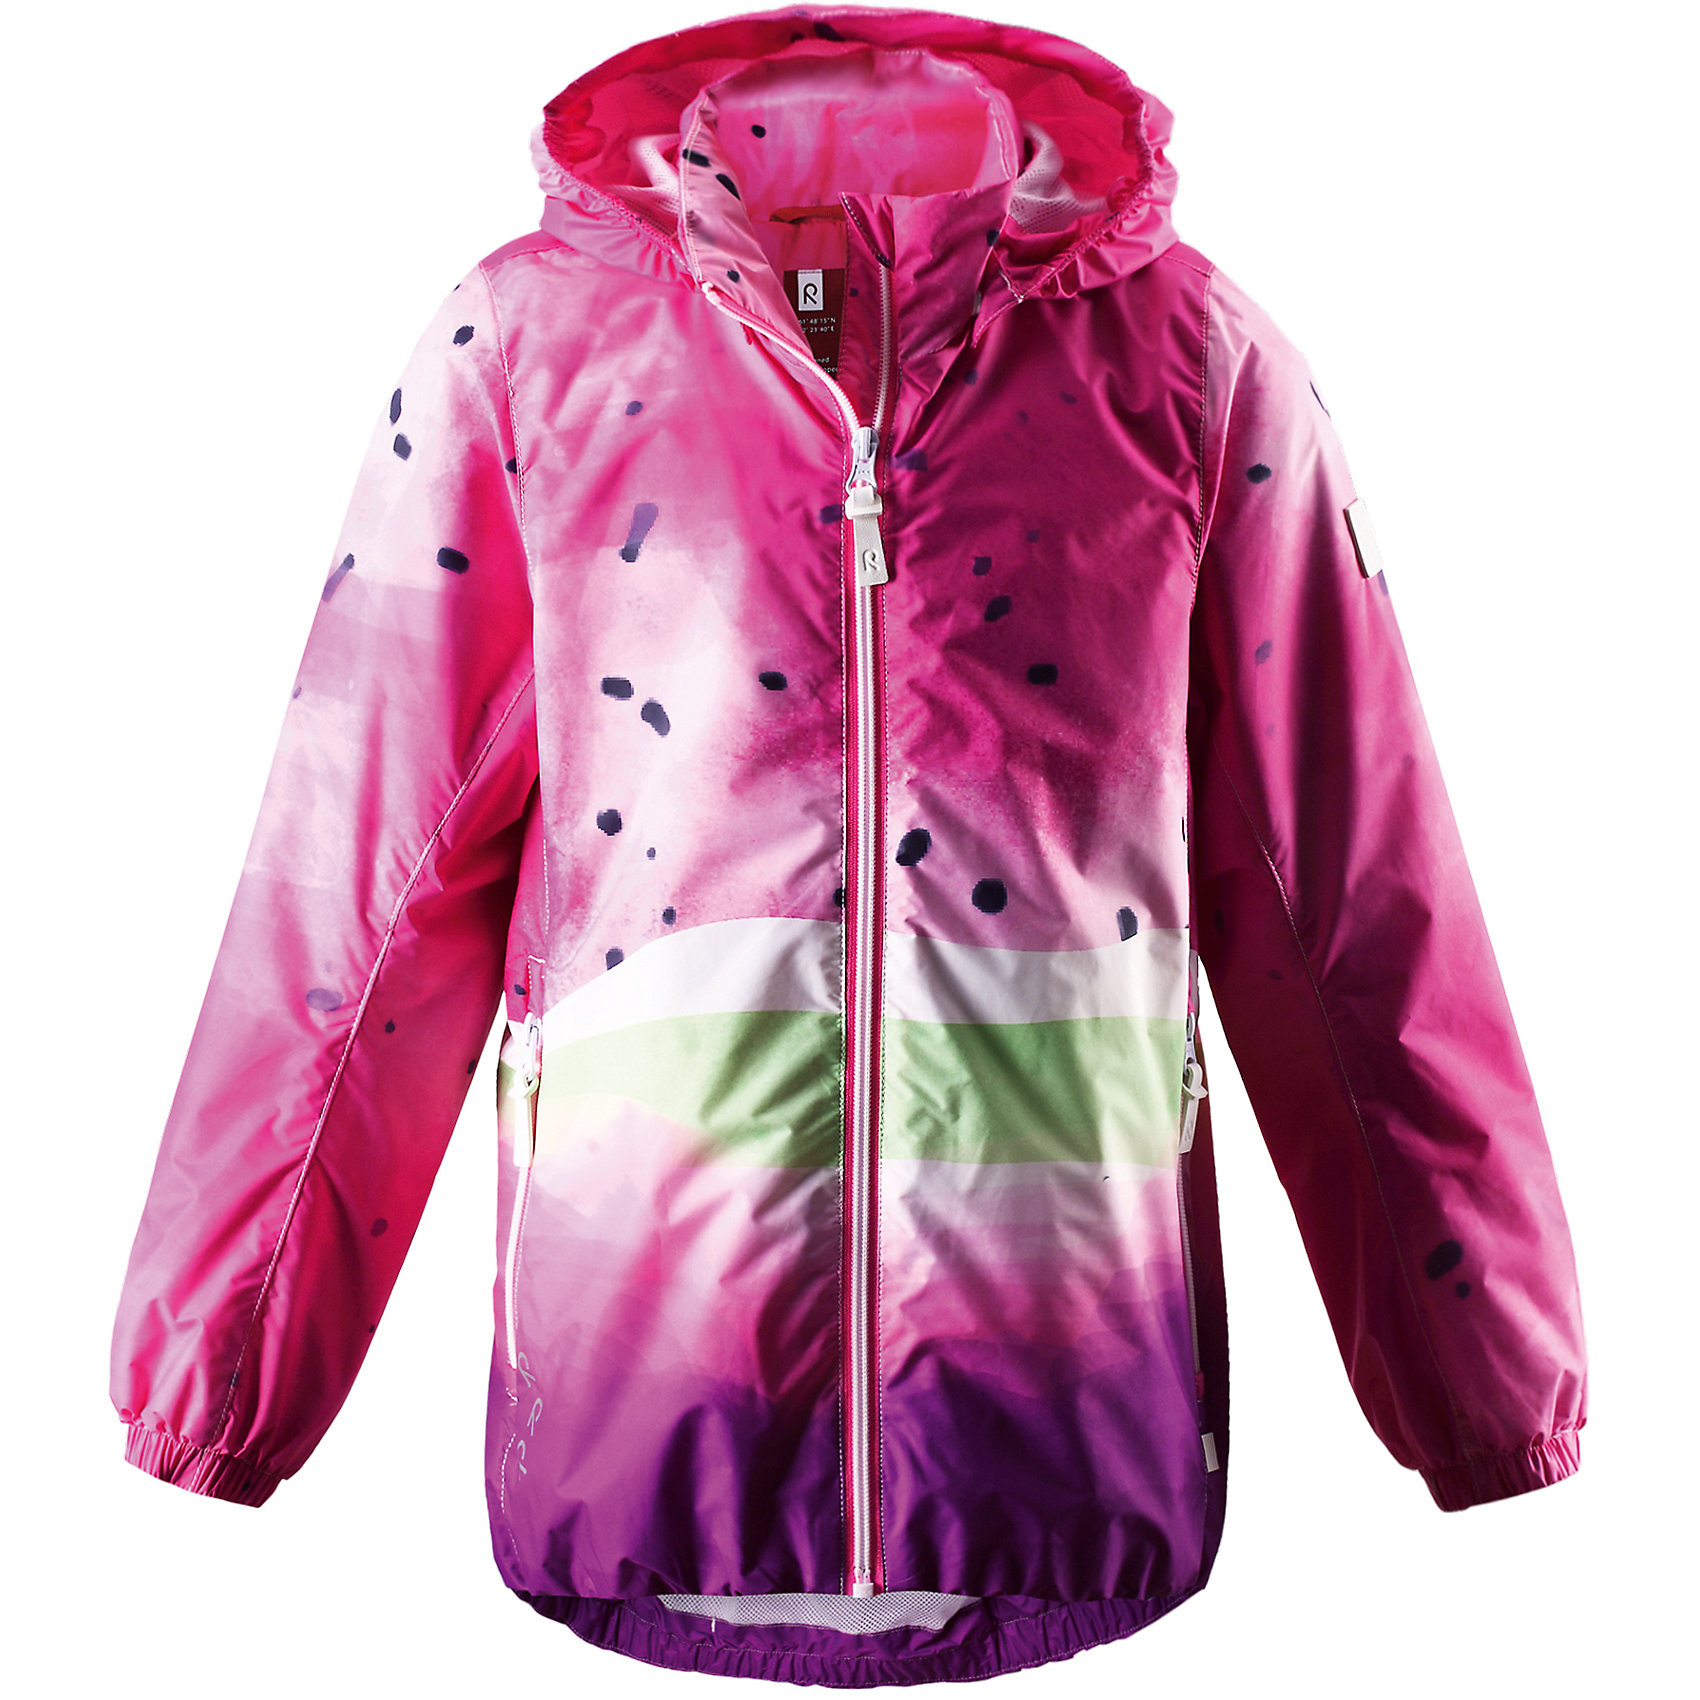 Куртка для девочки ReimaОдежда<br>Куртка от финской марки Reima.<br>*Куртка демисезонная для подростков*Водоотталкивающий, ветронепроницаемый и «дышащий» материал*Подкладка из mesh-сетки*Безопасный, съемный капюшон*Регулируемый подол*Два кармана на молнии<br>Состав:<br>100% ПЭ, ПУ-покрытие<br><br>Ширина мм: 356<br>Глубина мм: 10<br>Высота мм: 245<br>Вес г: 519<br>Цвет: розовый<br>Возраст от месяцев: 108<br>Возраст до месяцев: 120<br>Пол: Женский<br>Возраст: Детский<br>Размер: 140,134,128,122,116,104,110<br>SKU: 4631534